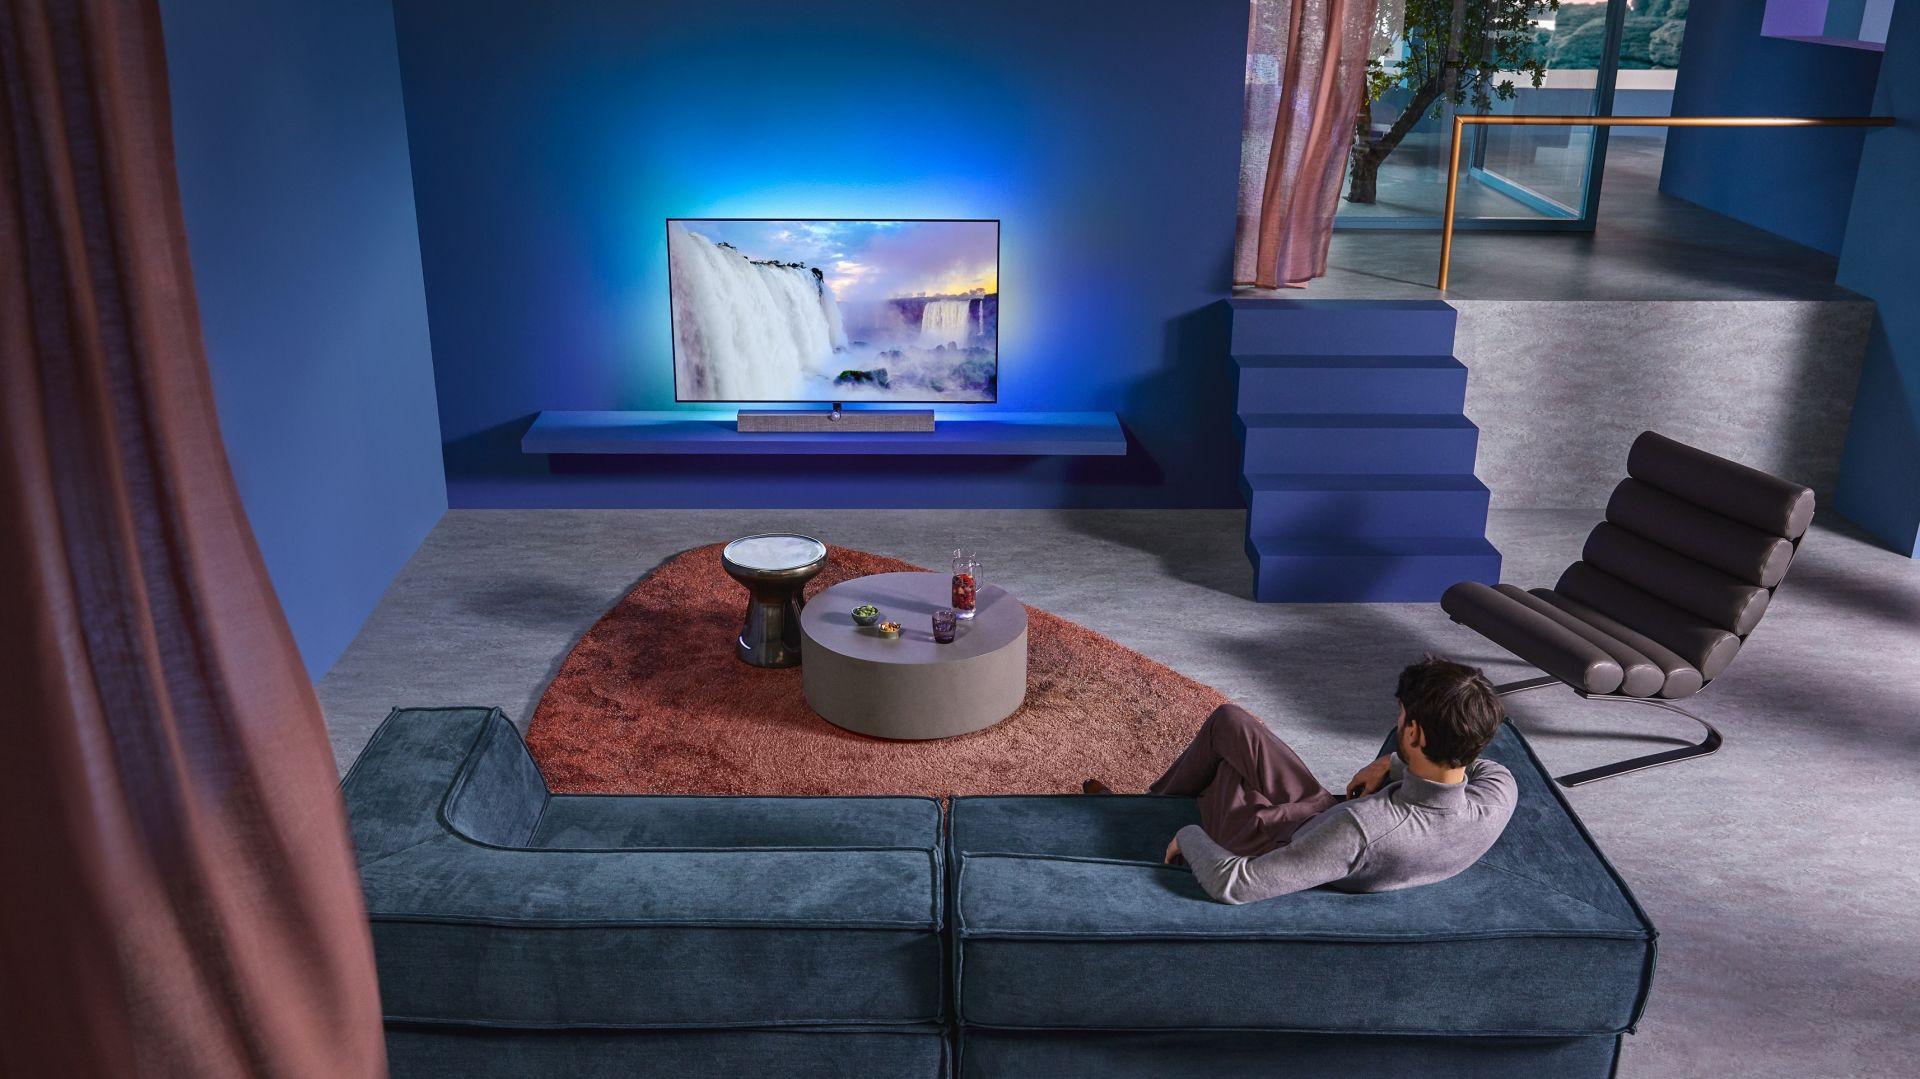 Telewizor OLED+935 wyróżnia ultrasmukła obudowa, bez krawędziowe ramki i wysokiej jakości metalowe wykończenie. Cena: 9.999 zł (55''), 13.999 zł (65''). Fot. Philips